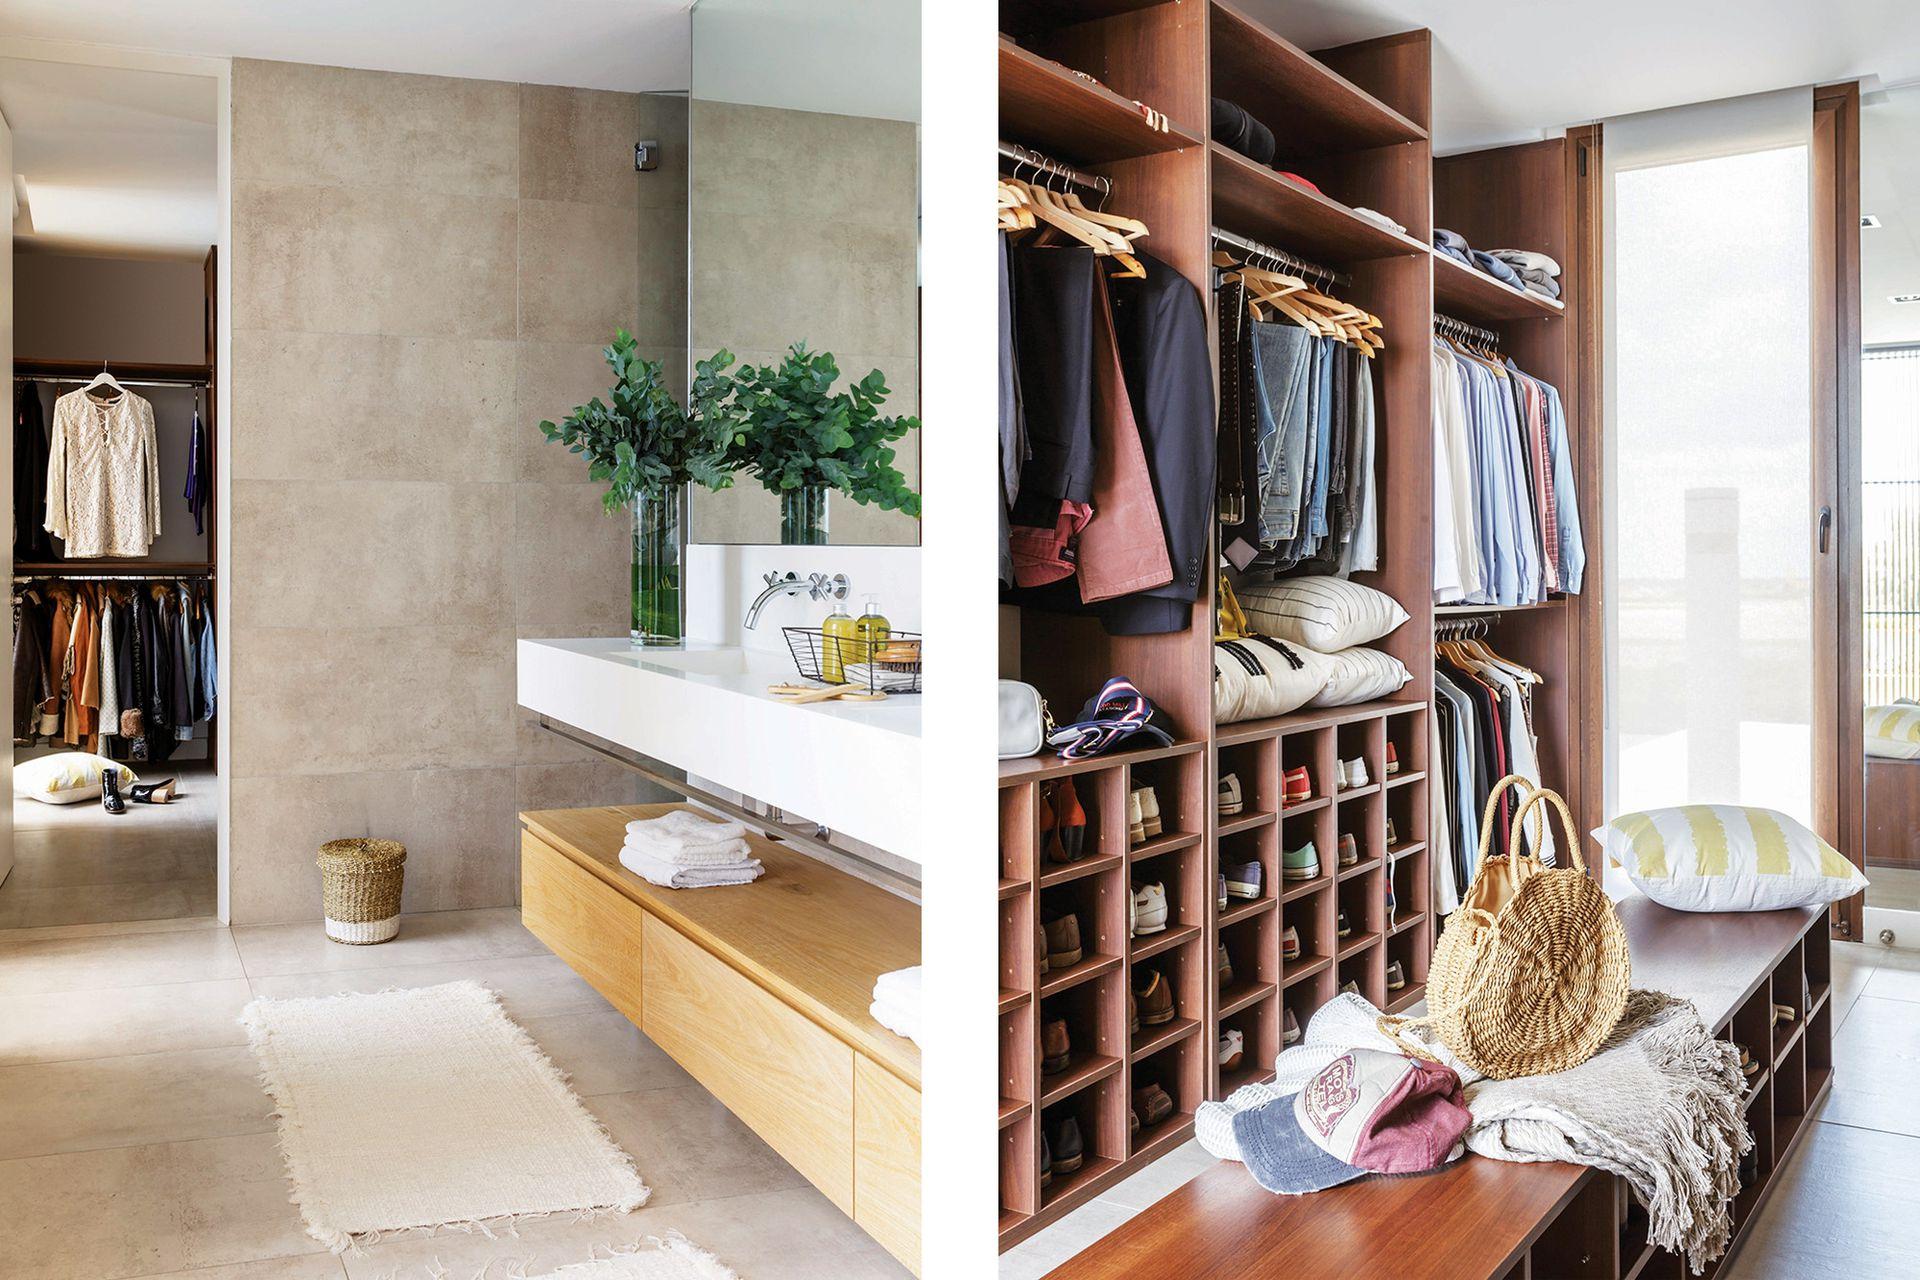 La suite tiene doble circulación: del cuarto se puede pasar al baño, de allí al vestidor y del vestidor, salir al pasillo sin necesidad de volver al dormitorio.